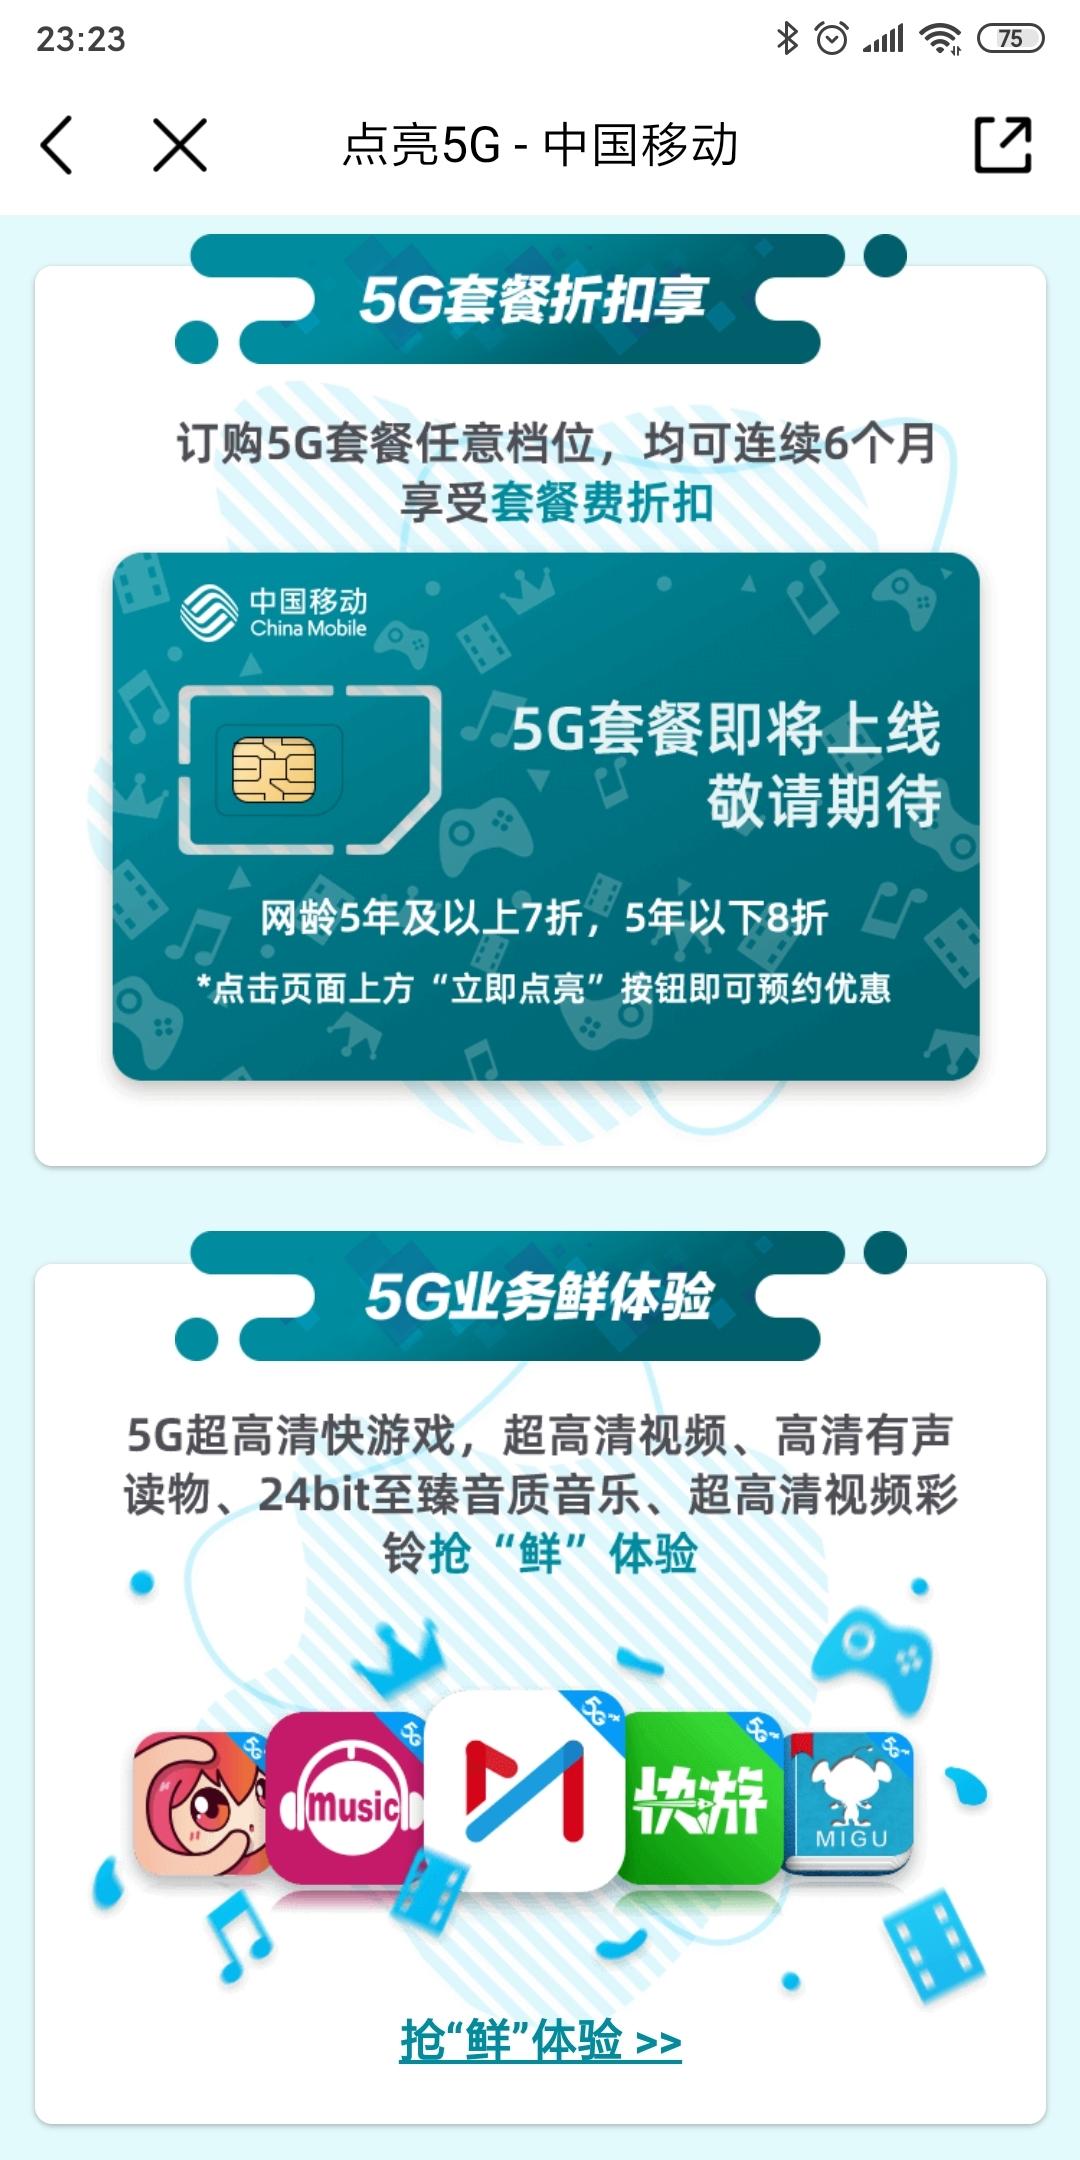 中国移动 5g套餐_中国移动5G套餐即将上线:5年以上老用户享7折优惠-中国移动,5G ...